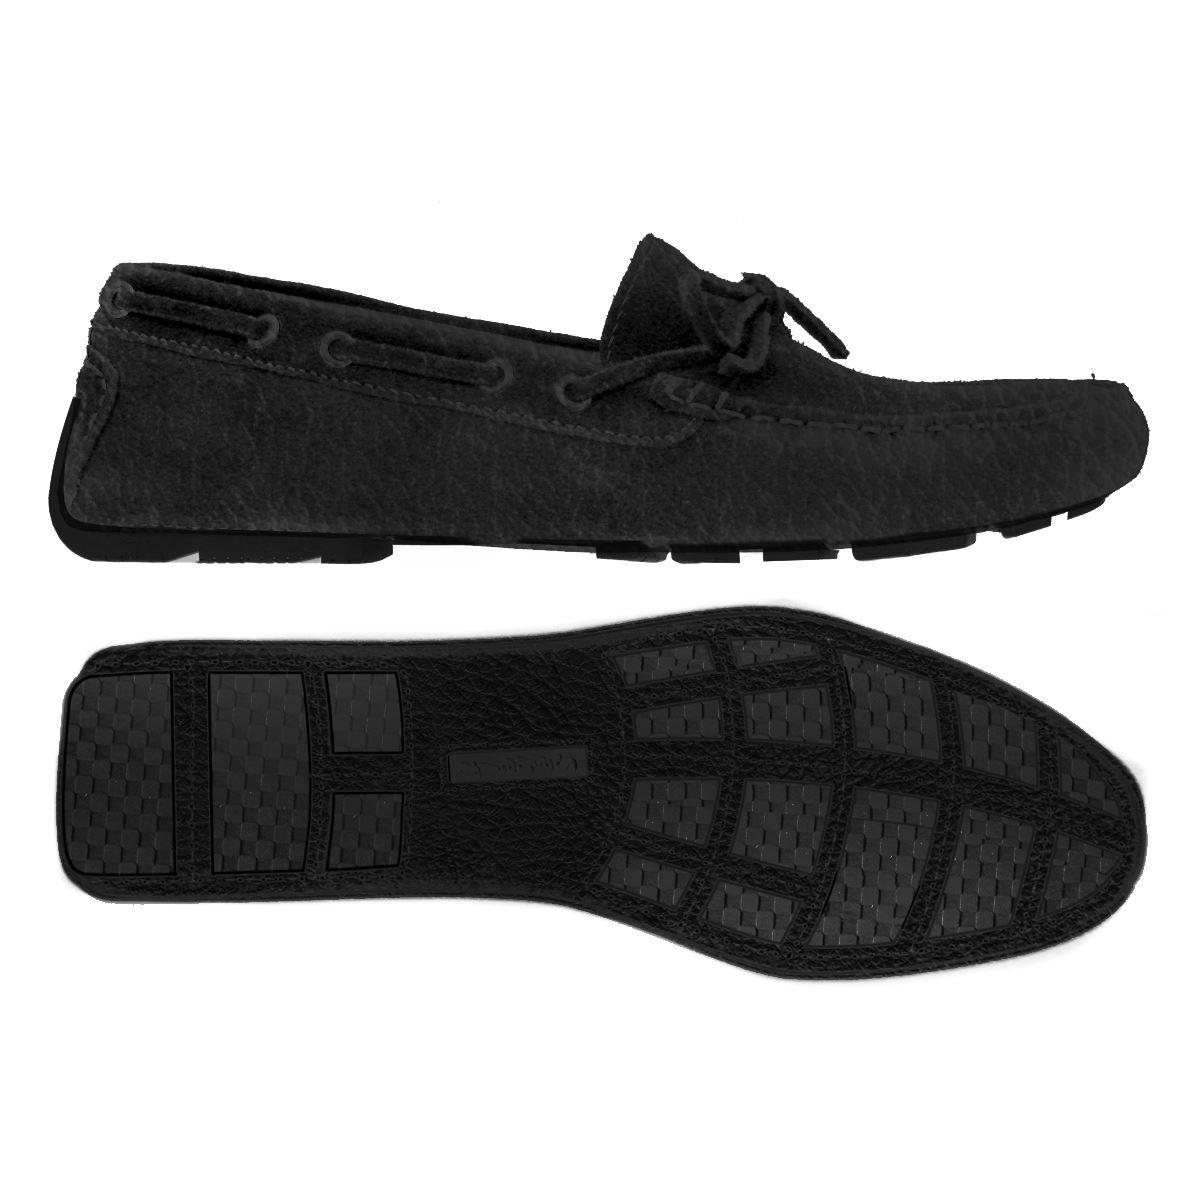 sports shoes 15e09 53048 601M-TUMBLE LEATHER